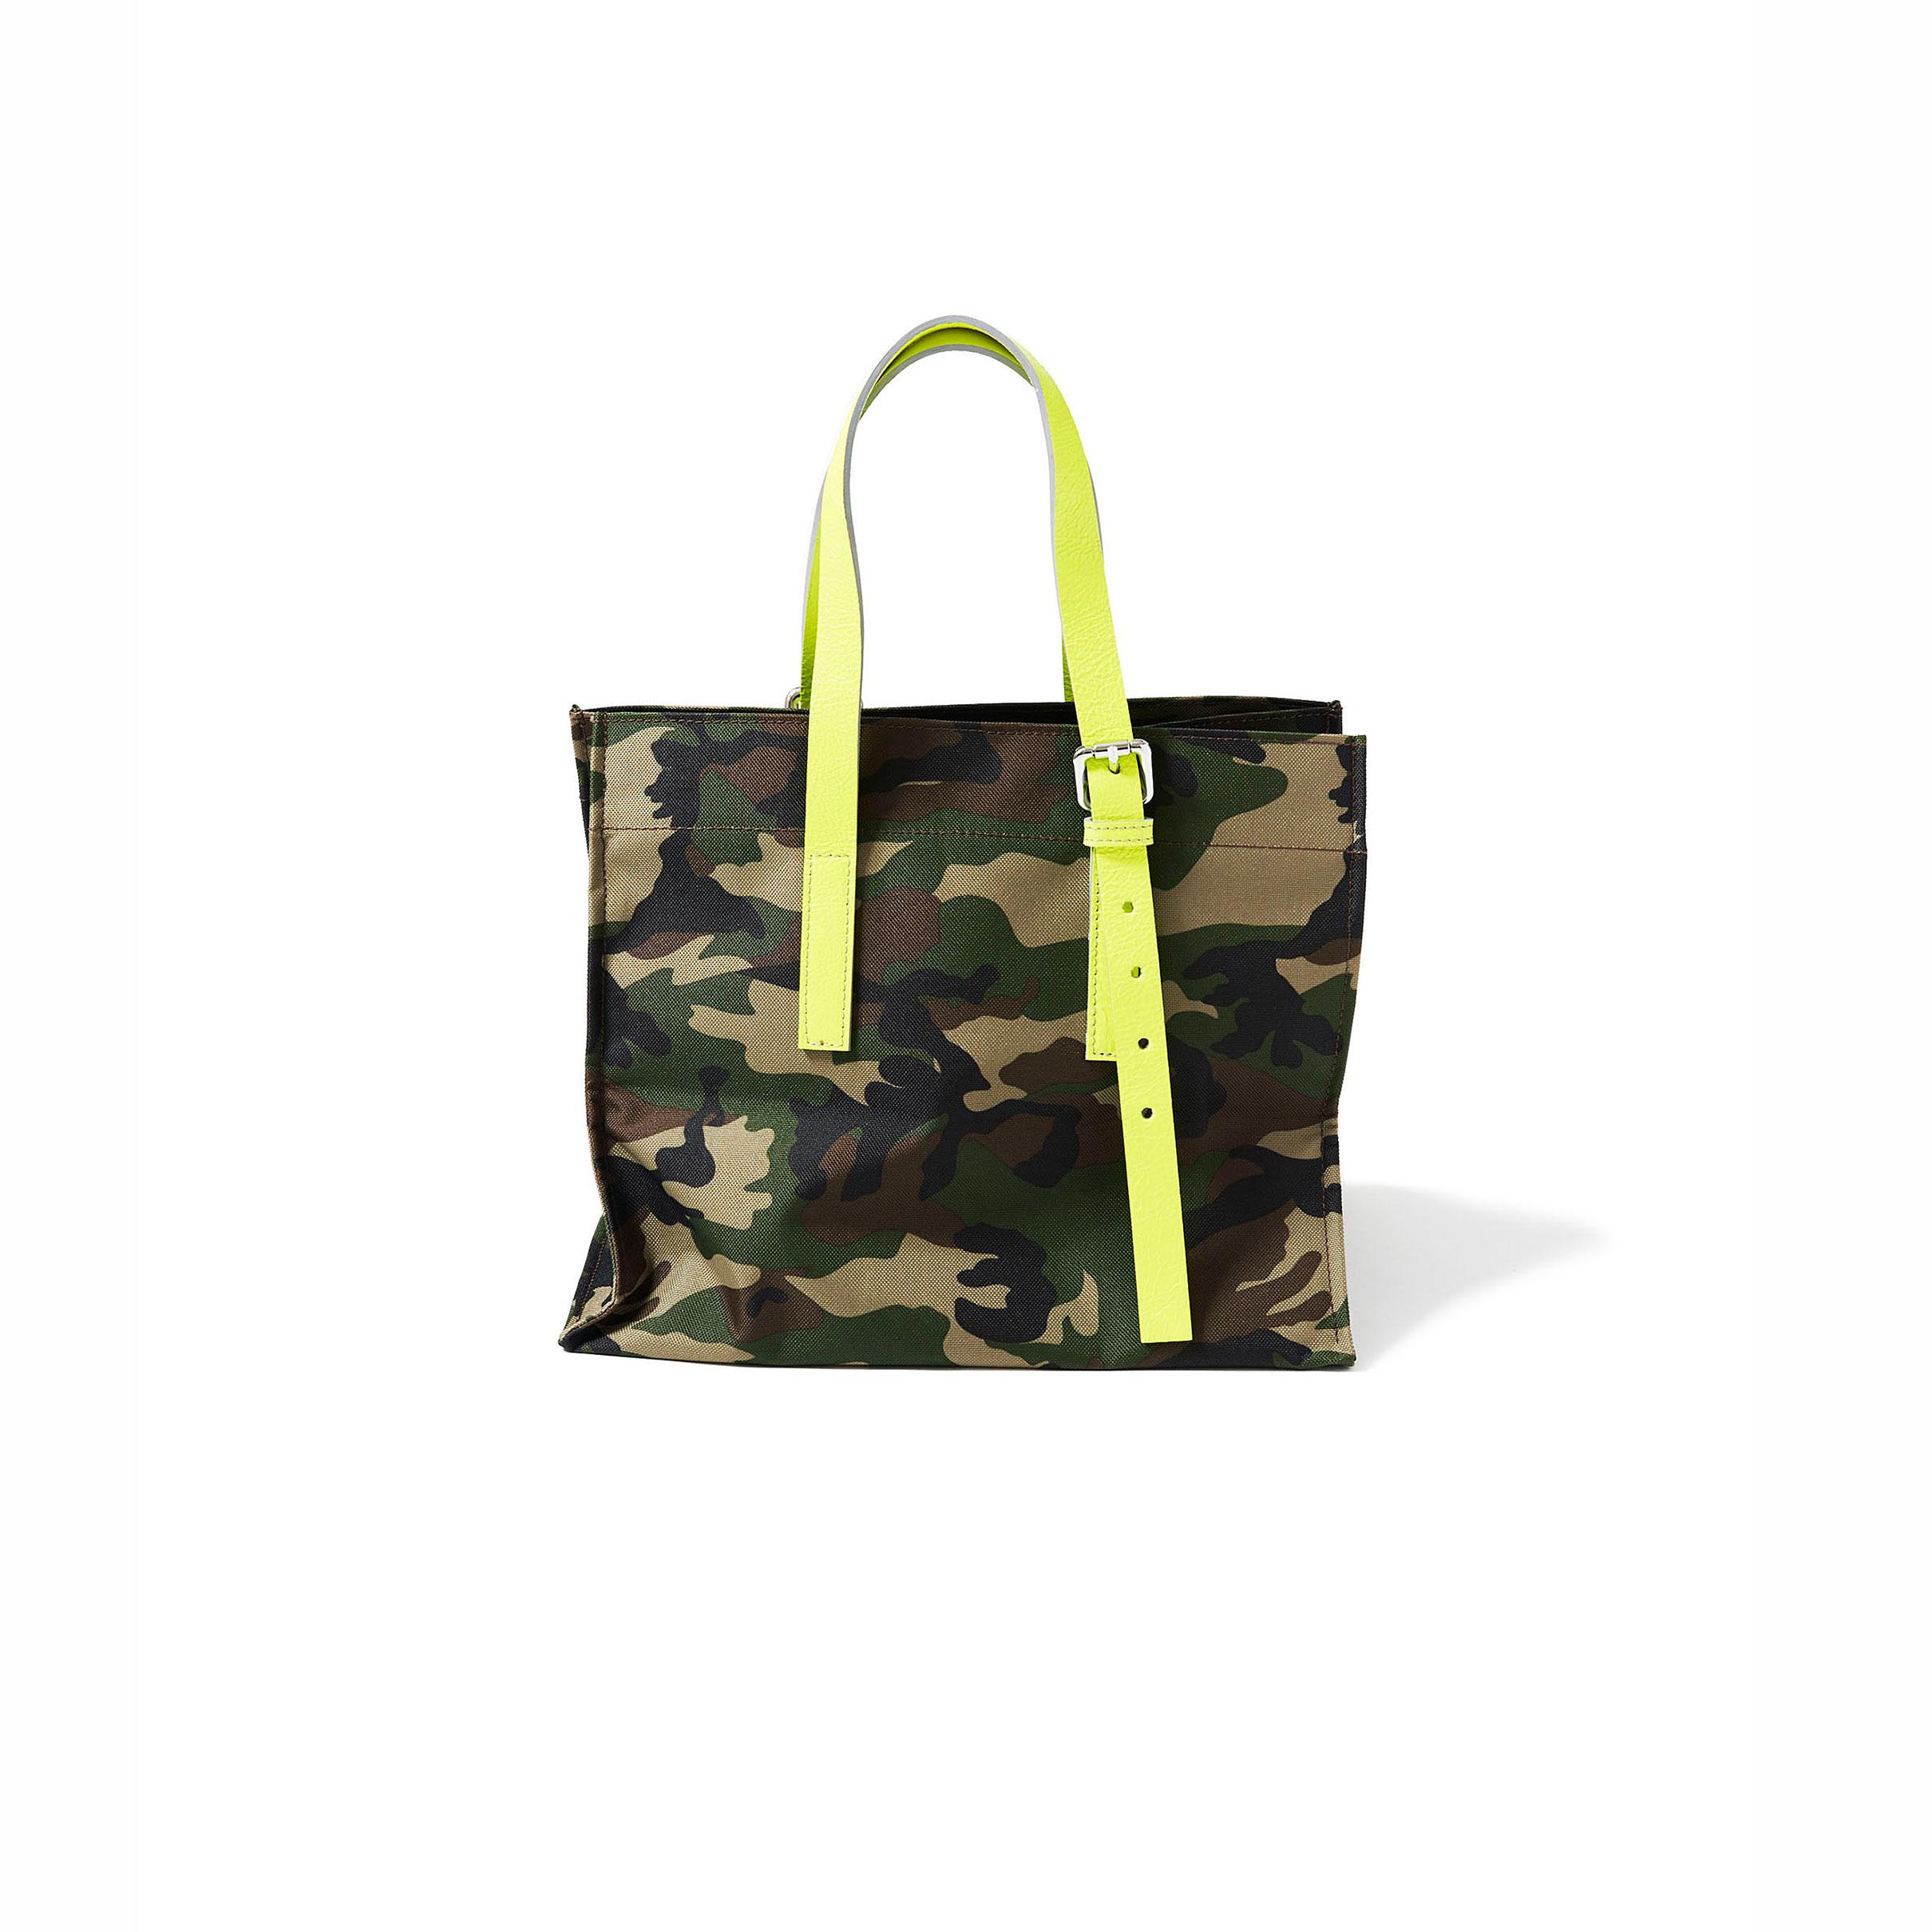 ミリタリーバッグ・khaki × giallo